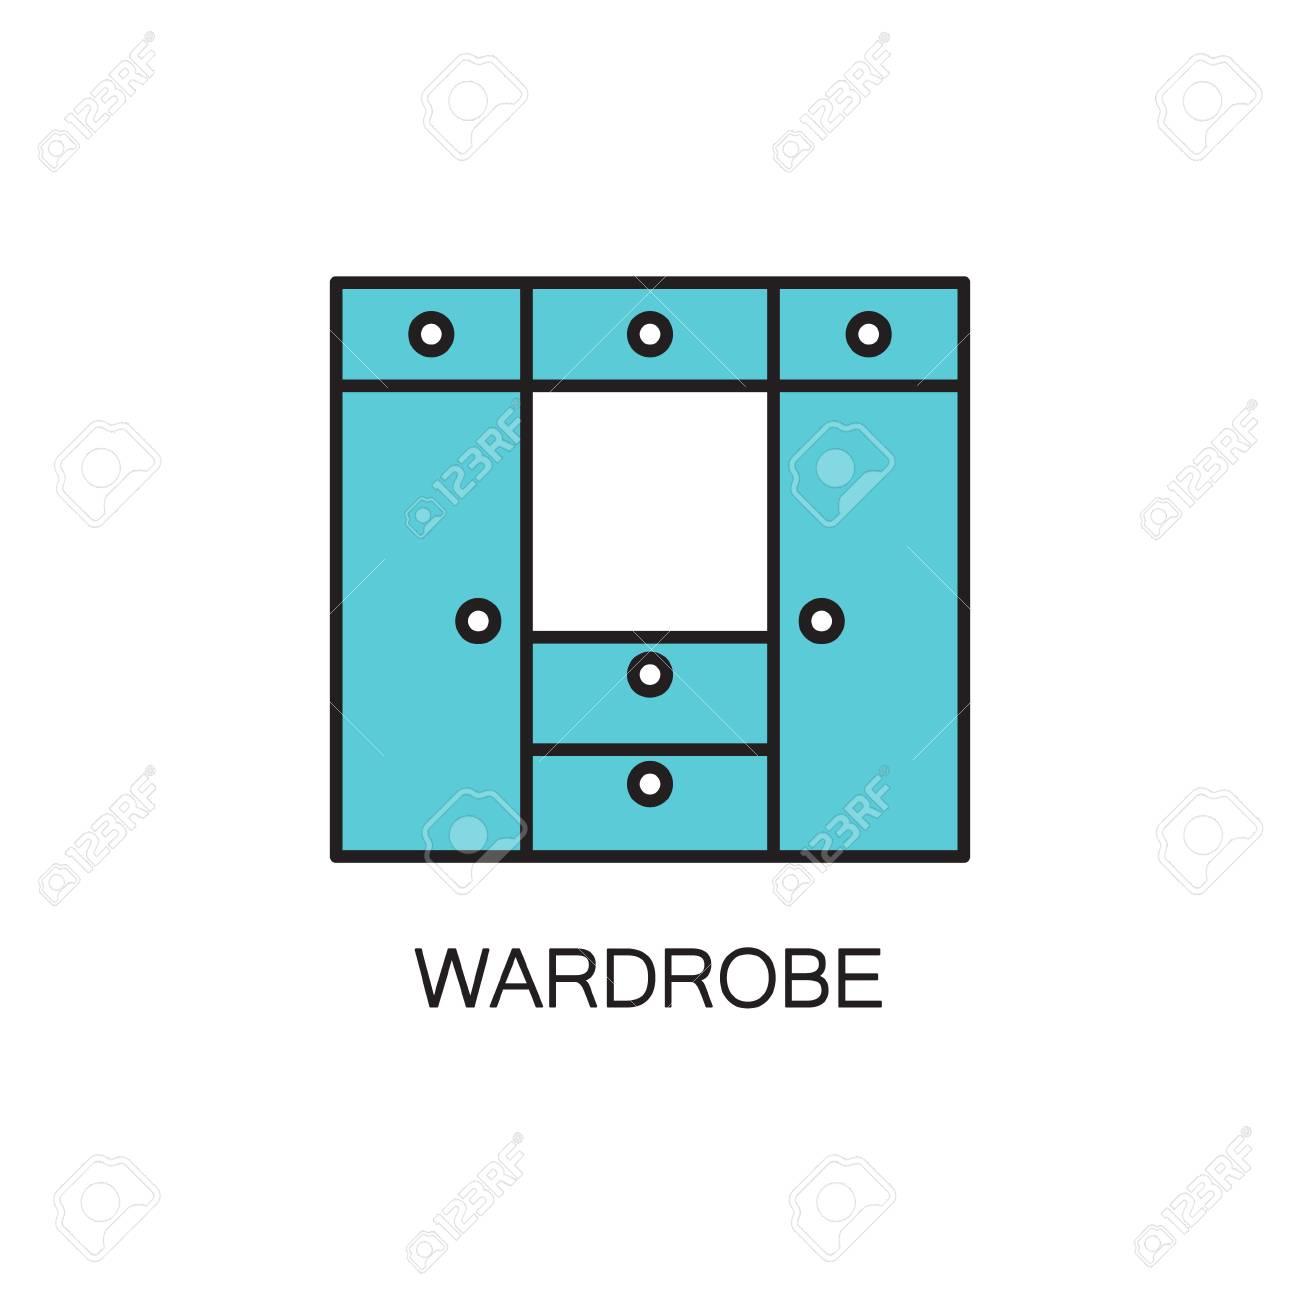 armoire icone de la ligne pictogramme de haute qualite de la garde robe pour